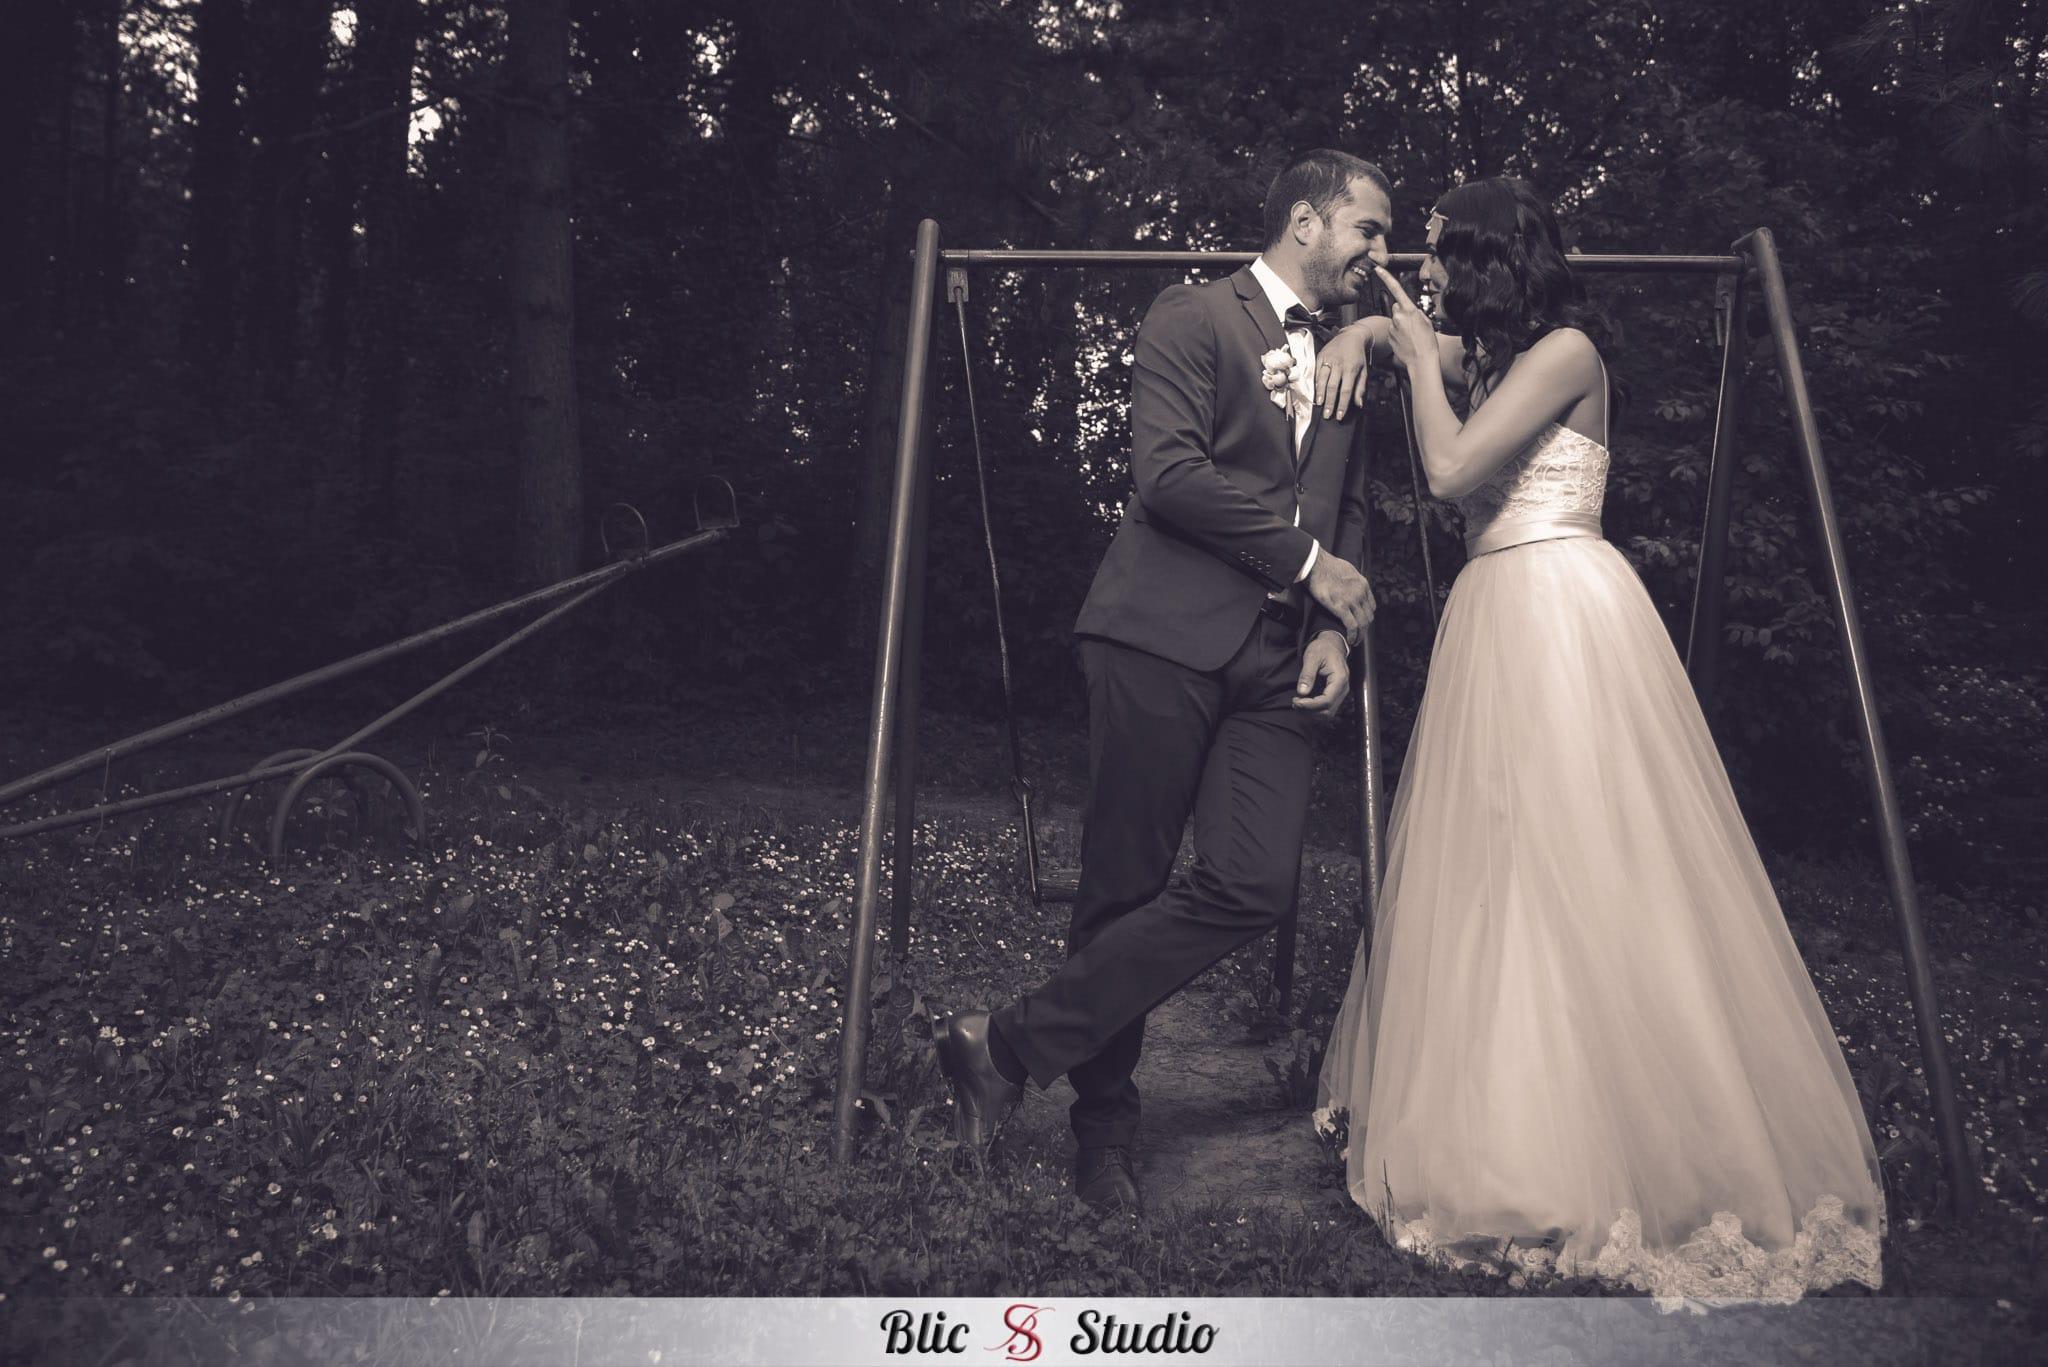 Fotograf_za_vjenčanje_foto_studio_blic_marincel (10)